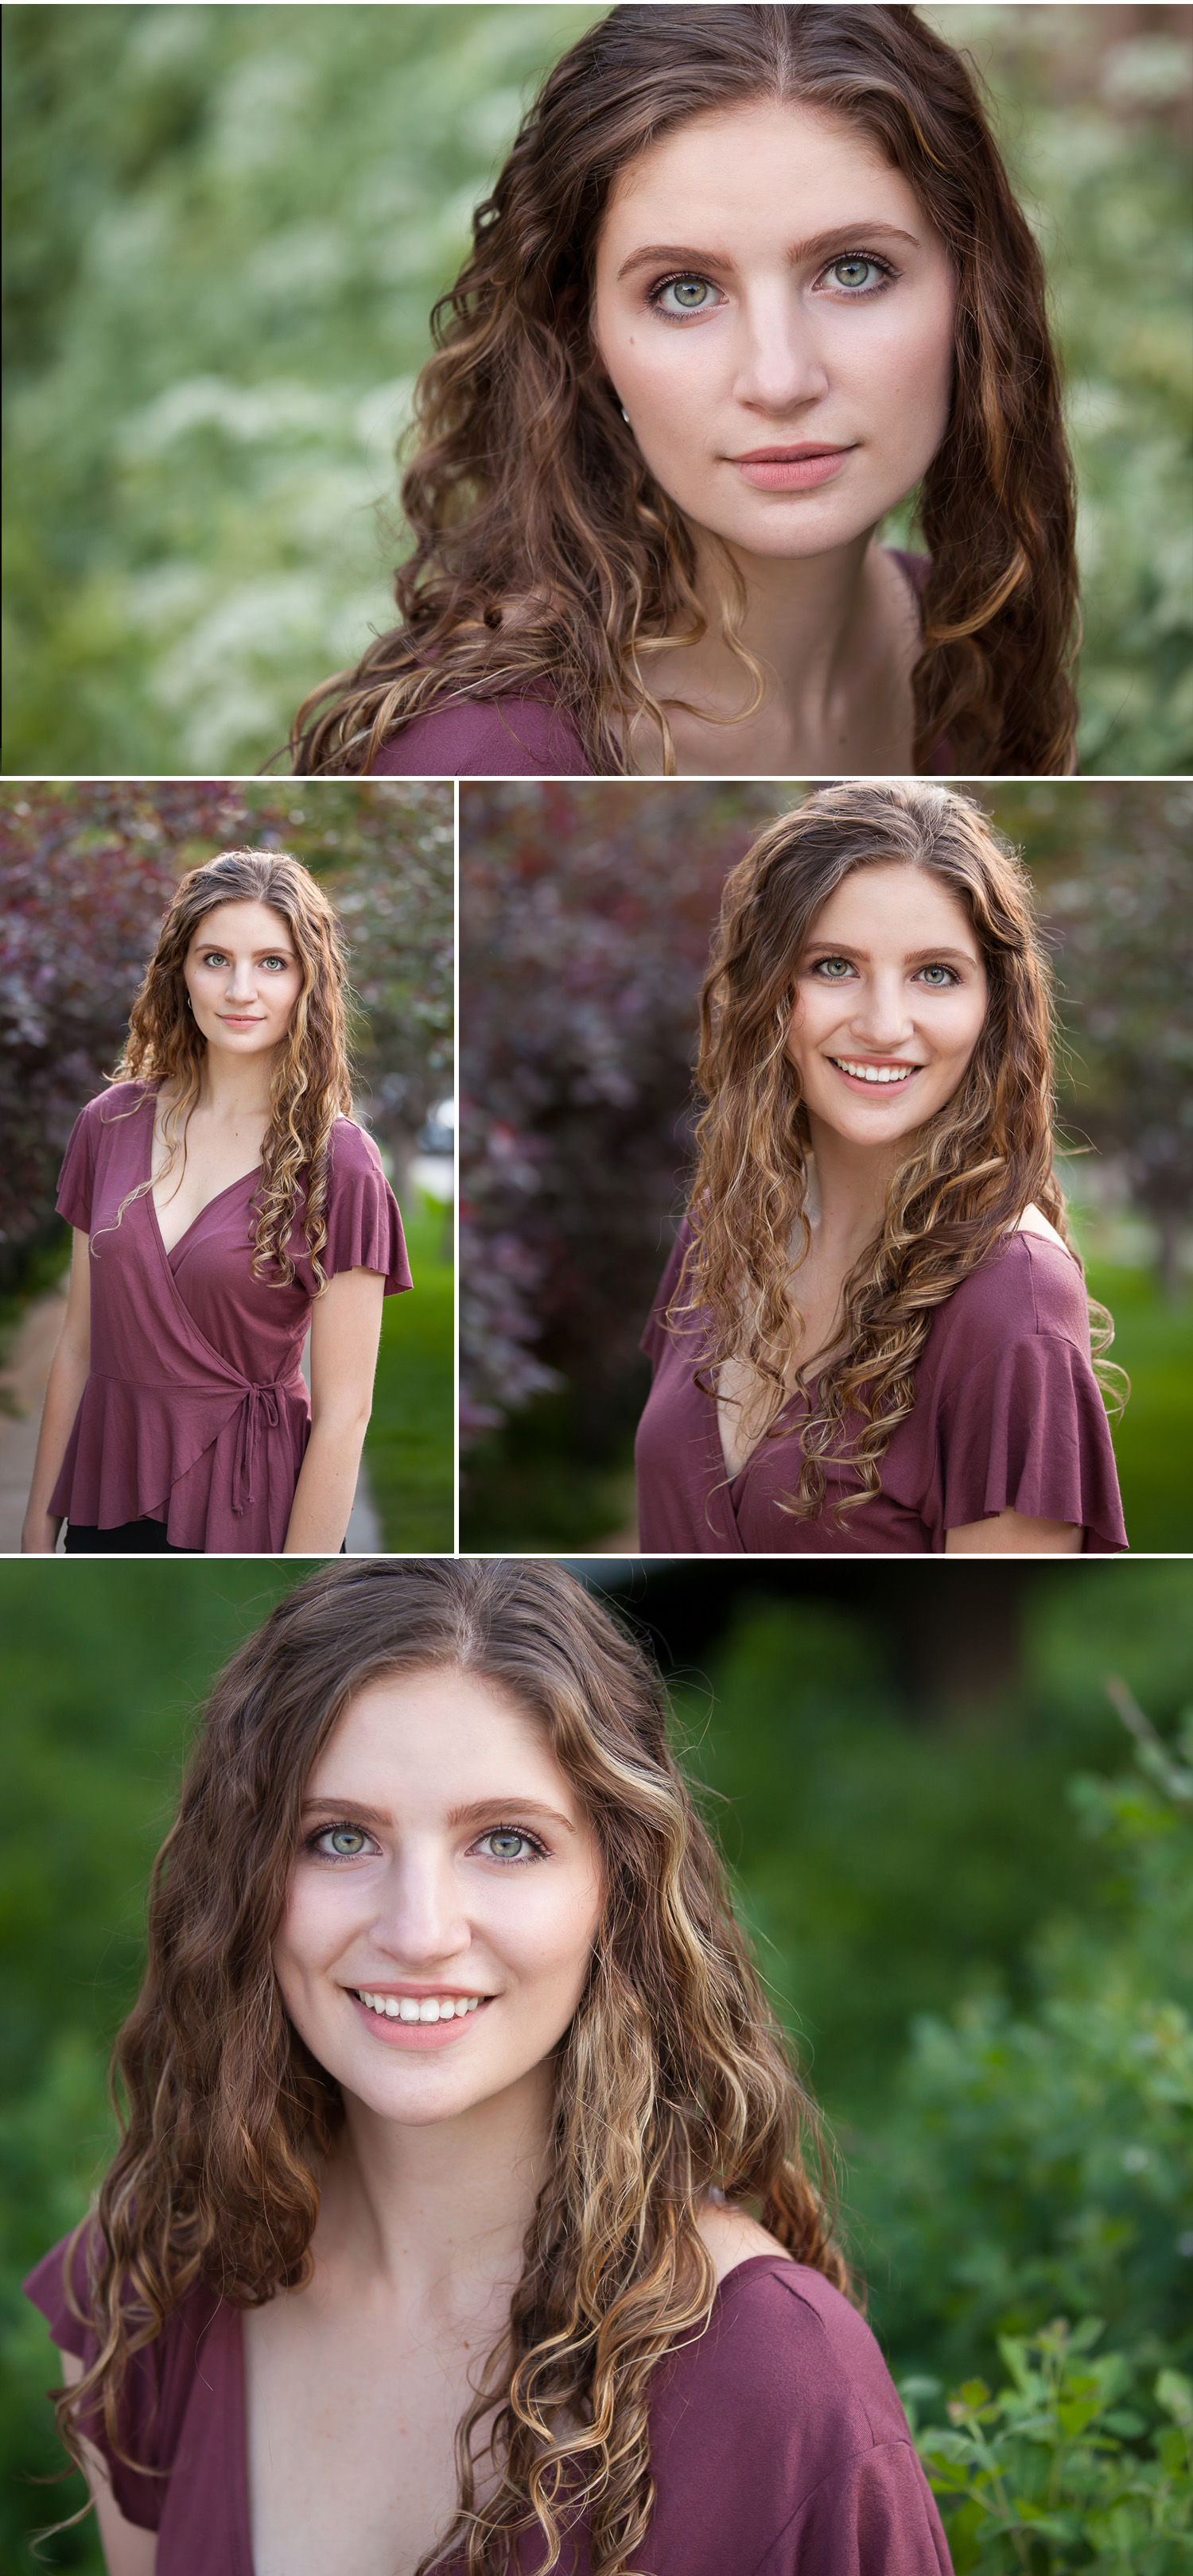 Senior Photographer in Denver